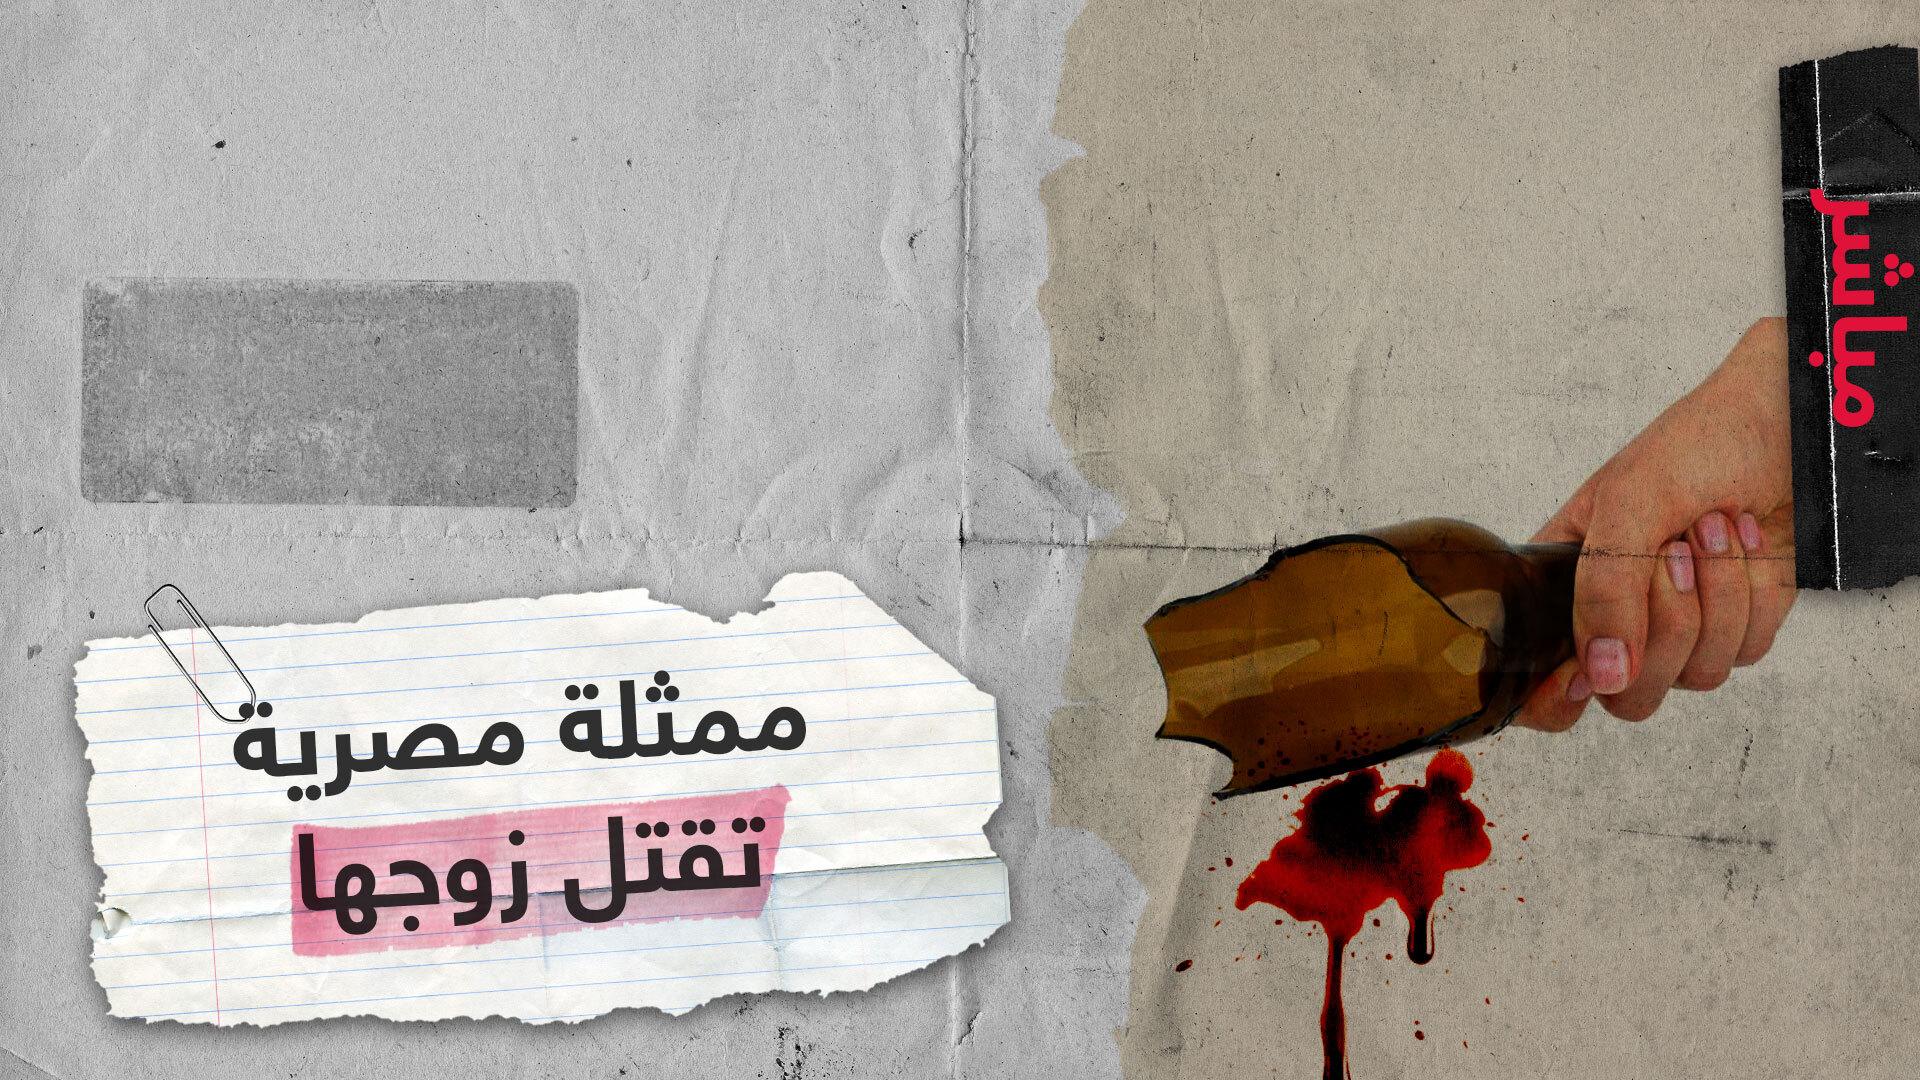 ممثلة مصرية تقتل زوجها..  ما أسباب حوادث العنف بين الأزواج؟